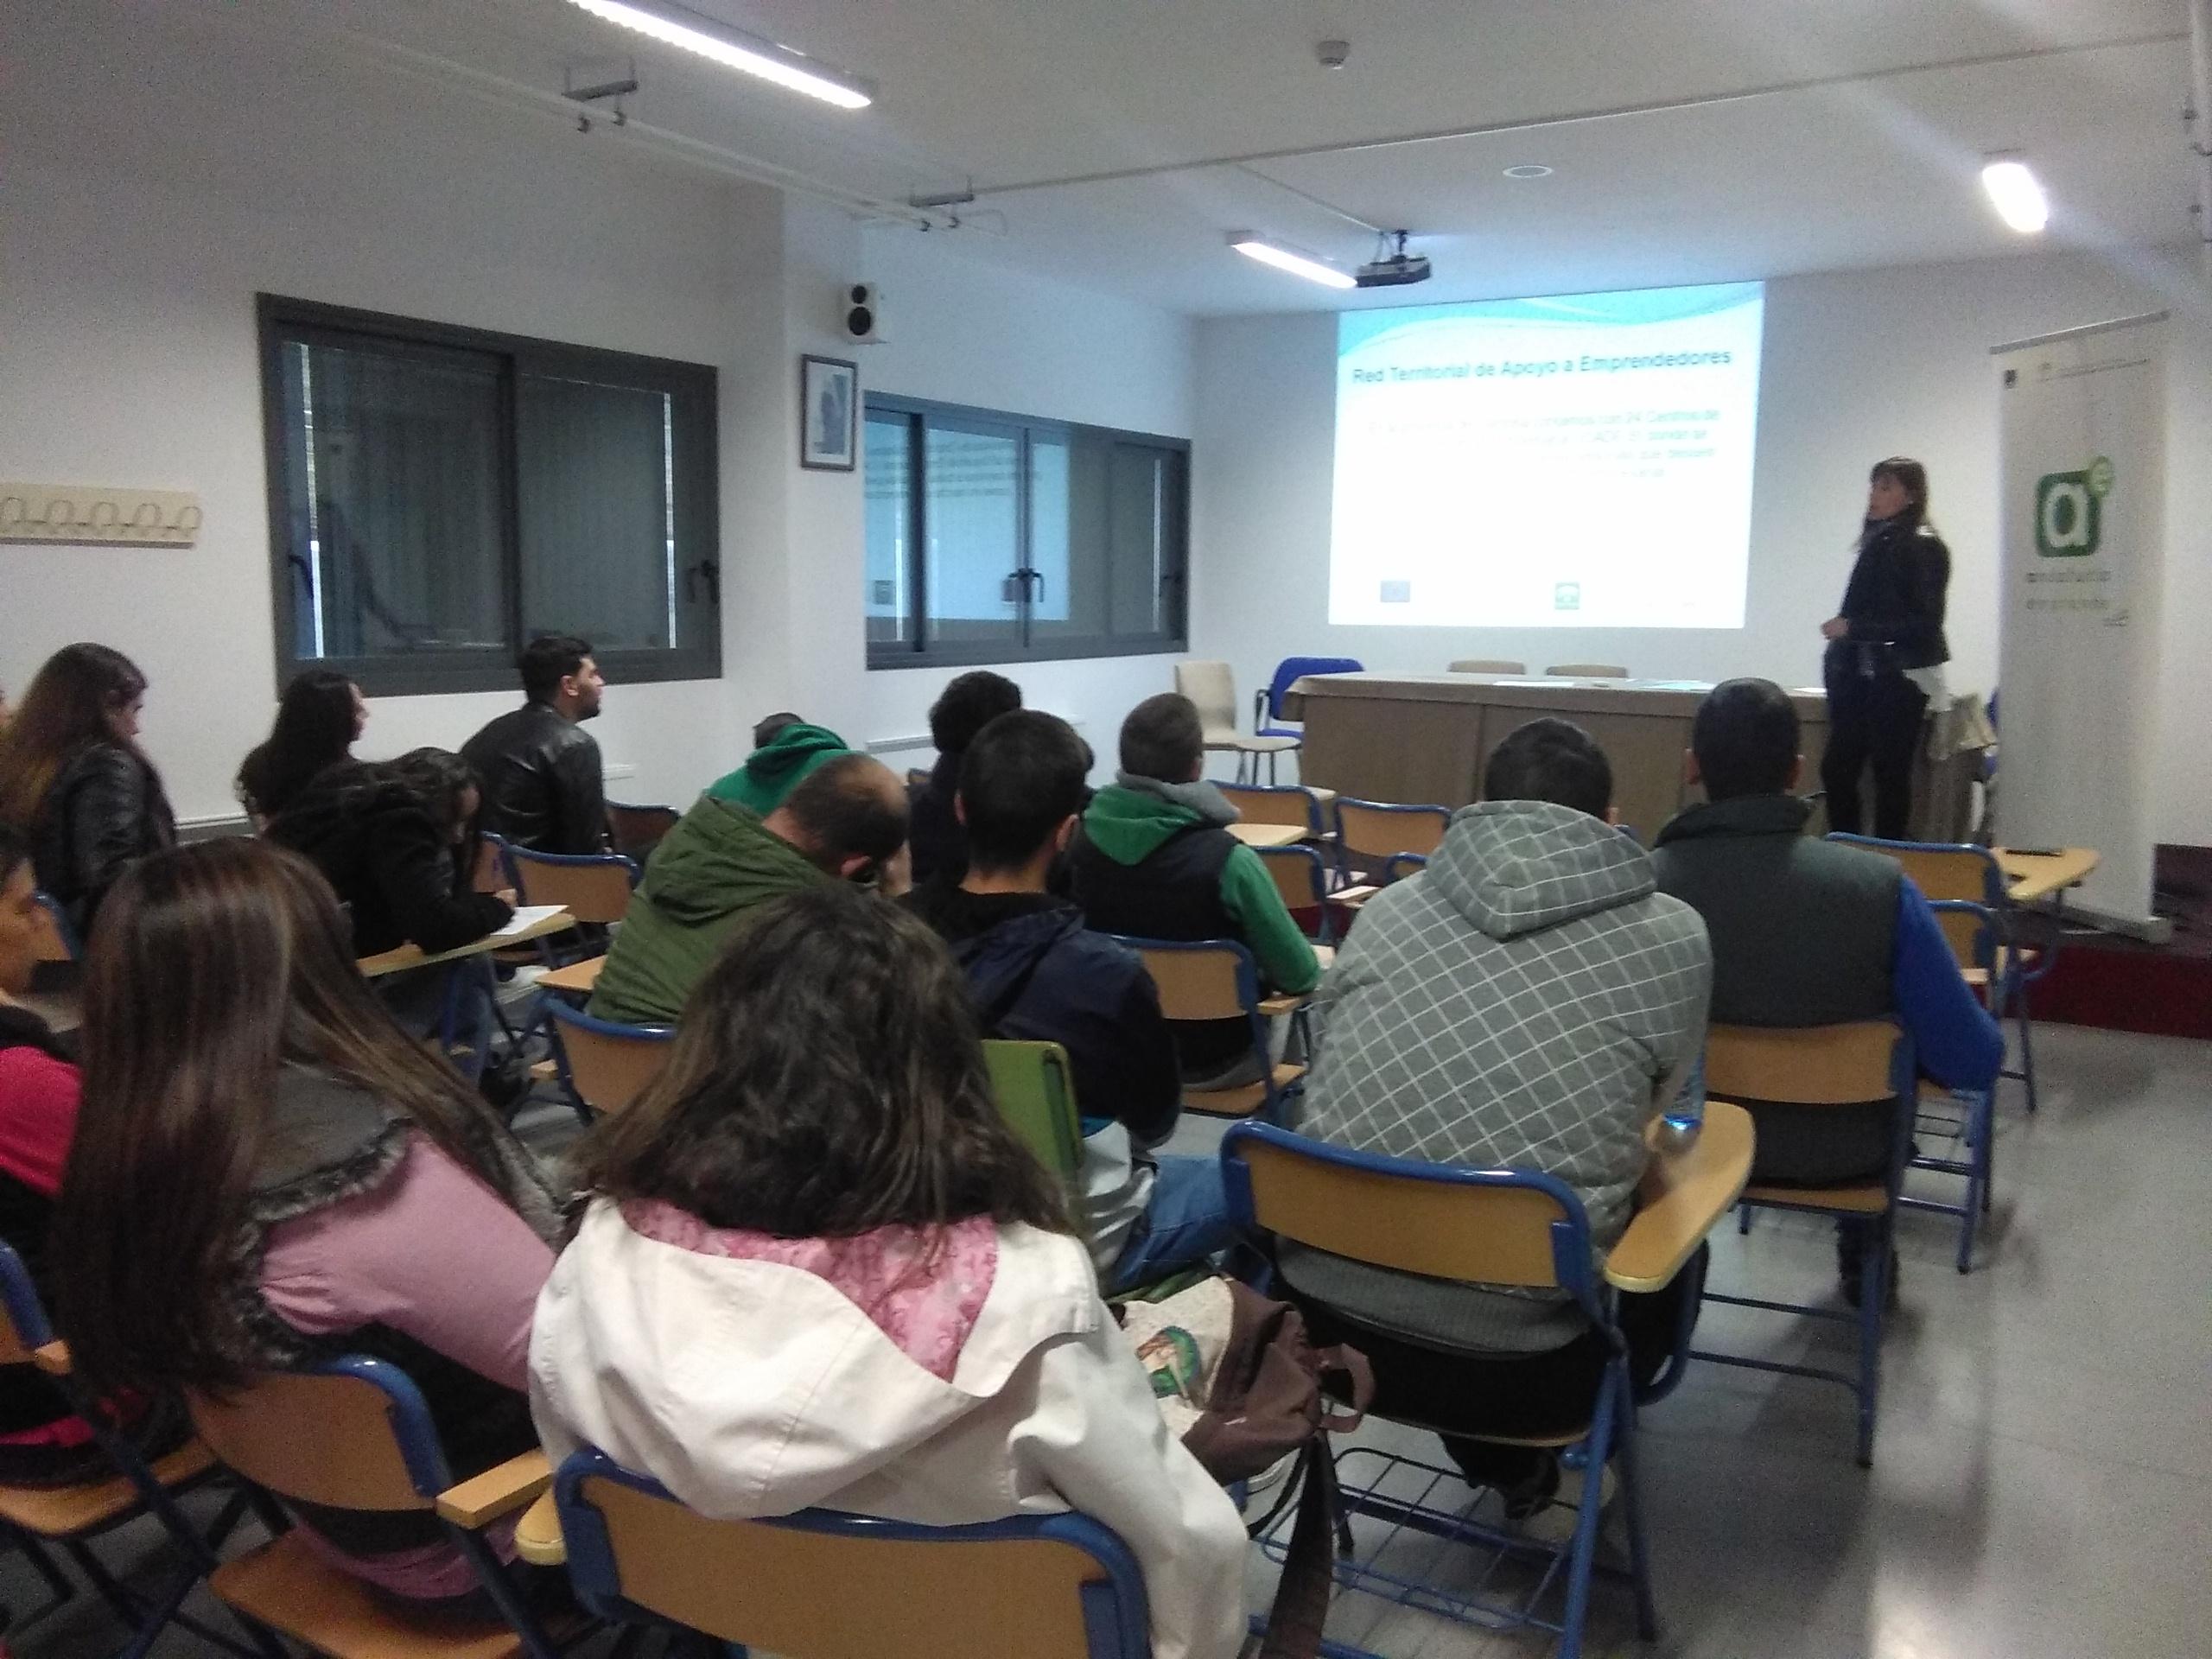 Alumnos del centro participan en una sesión informativa sobre cultura emprendedora